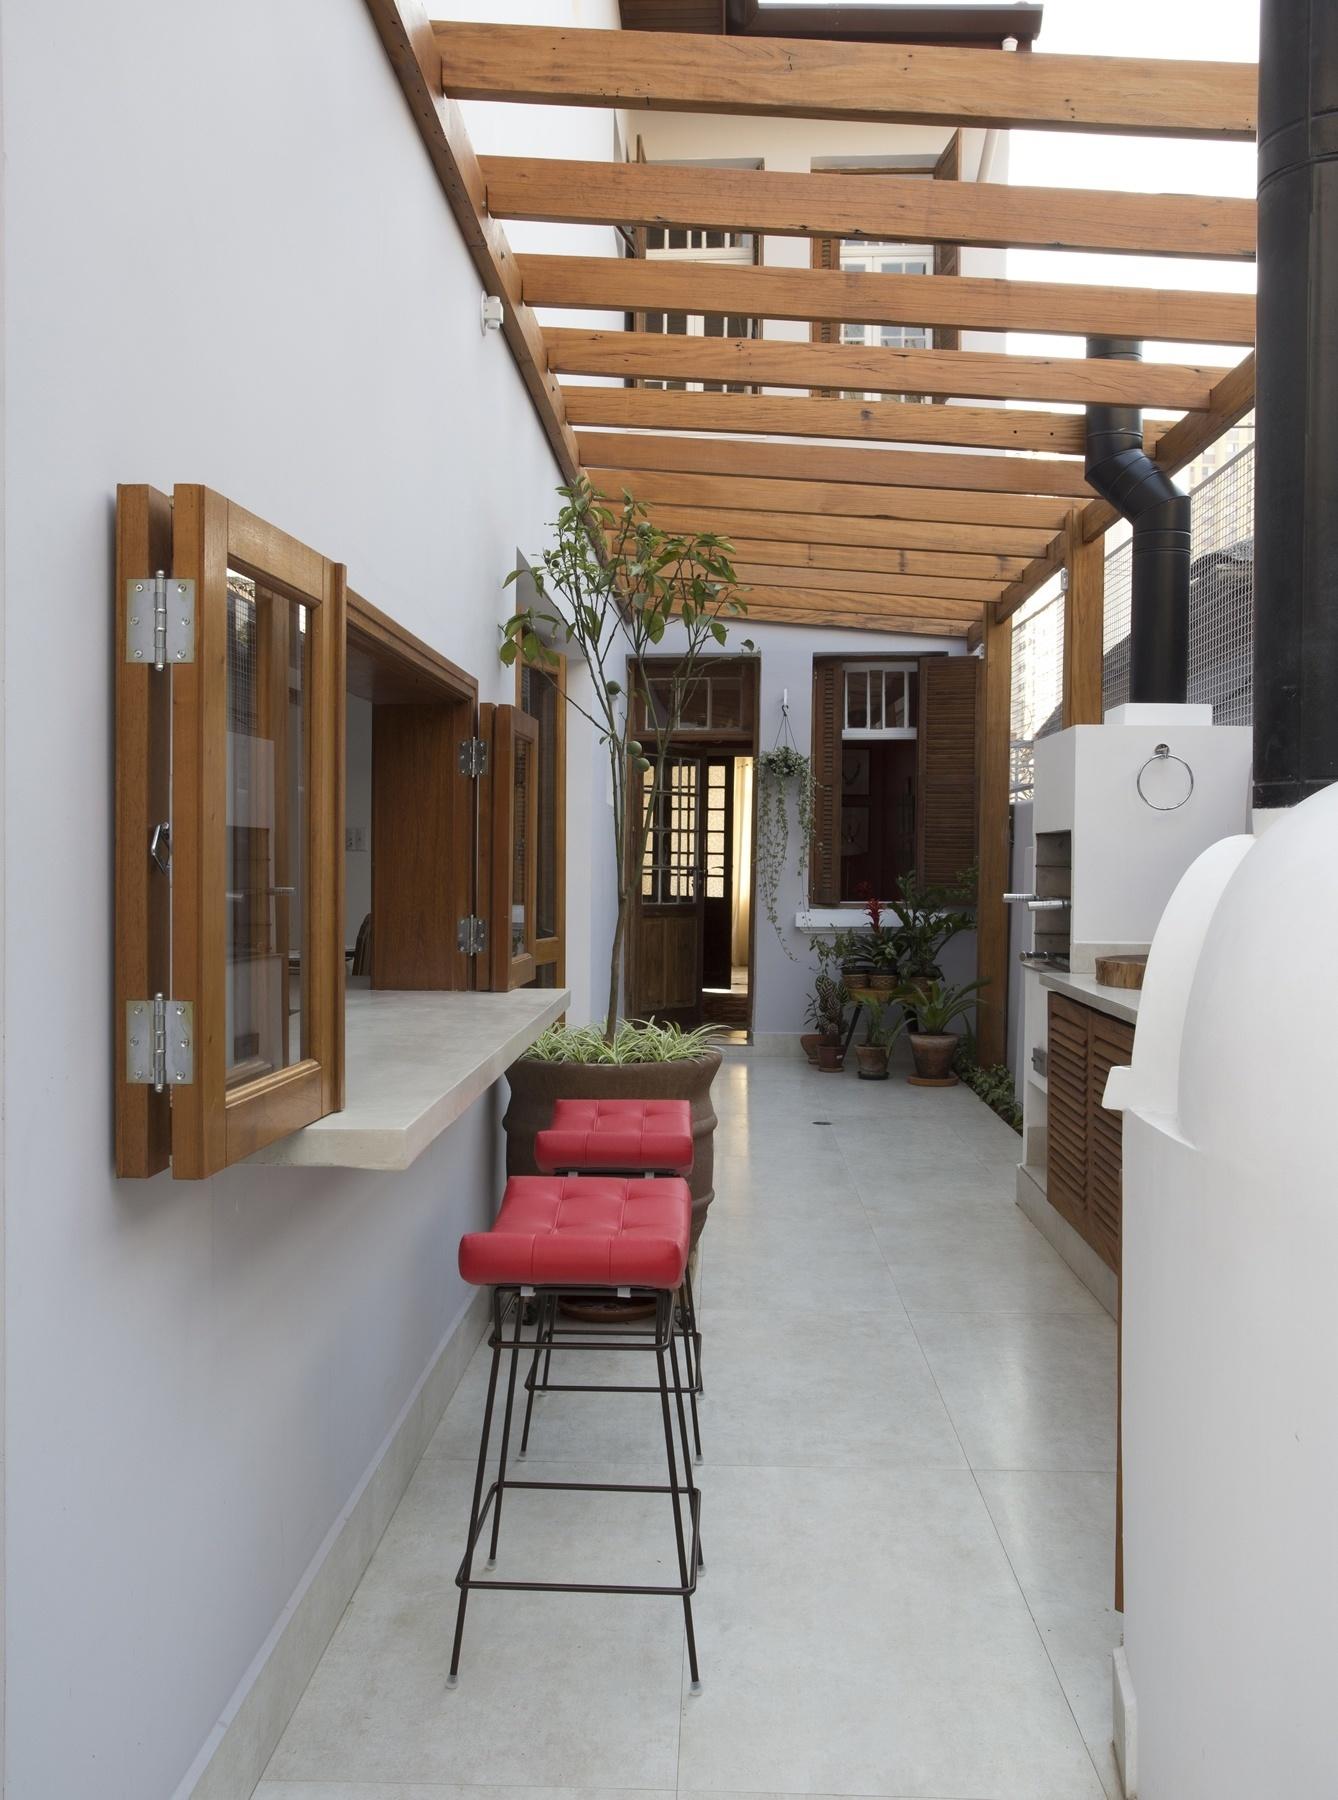 #8B6240  de pizza além de um pergolado em madeira de demolição. O projeto 1338x1800 px Projetos De Cozinhas Externas Pequenas #565 imagens